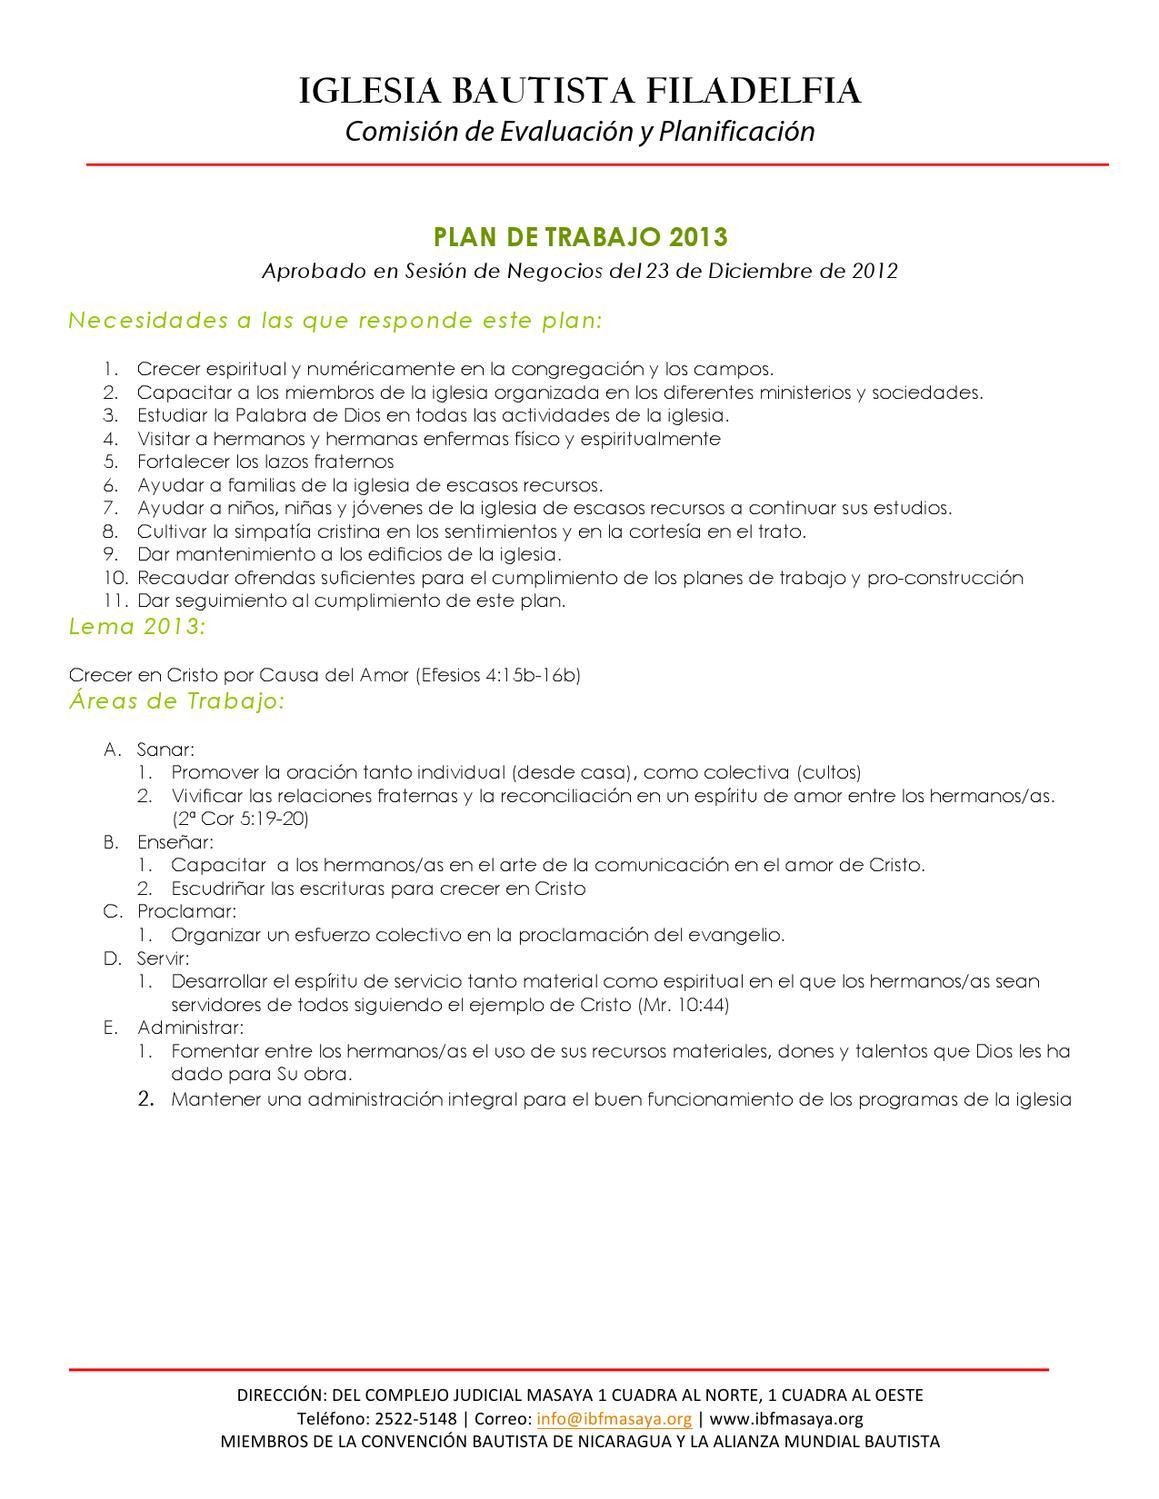 Plan de Trabajo 2013 by Iglesia Bautista Filadelfia - issuu